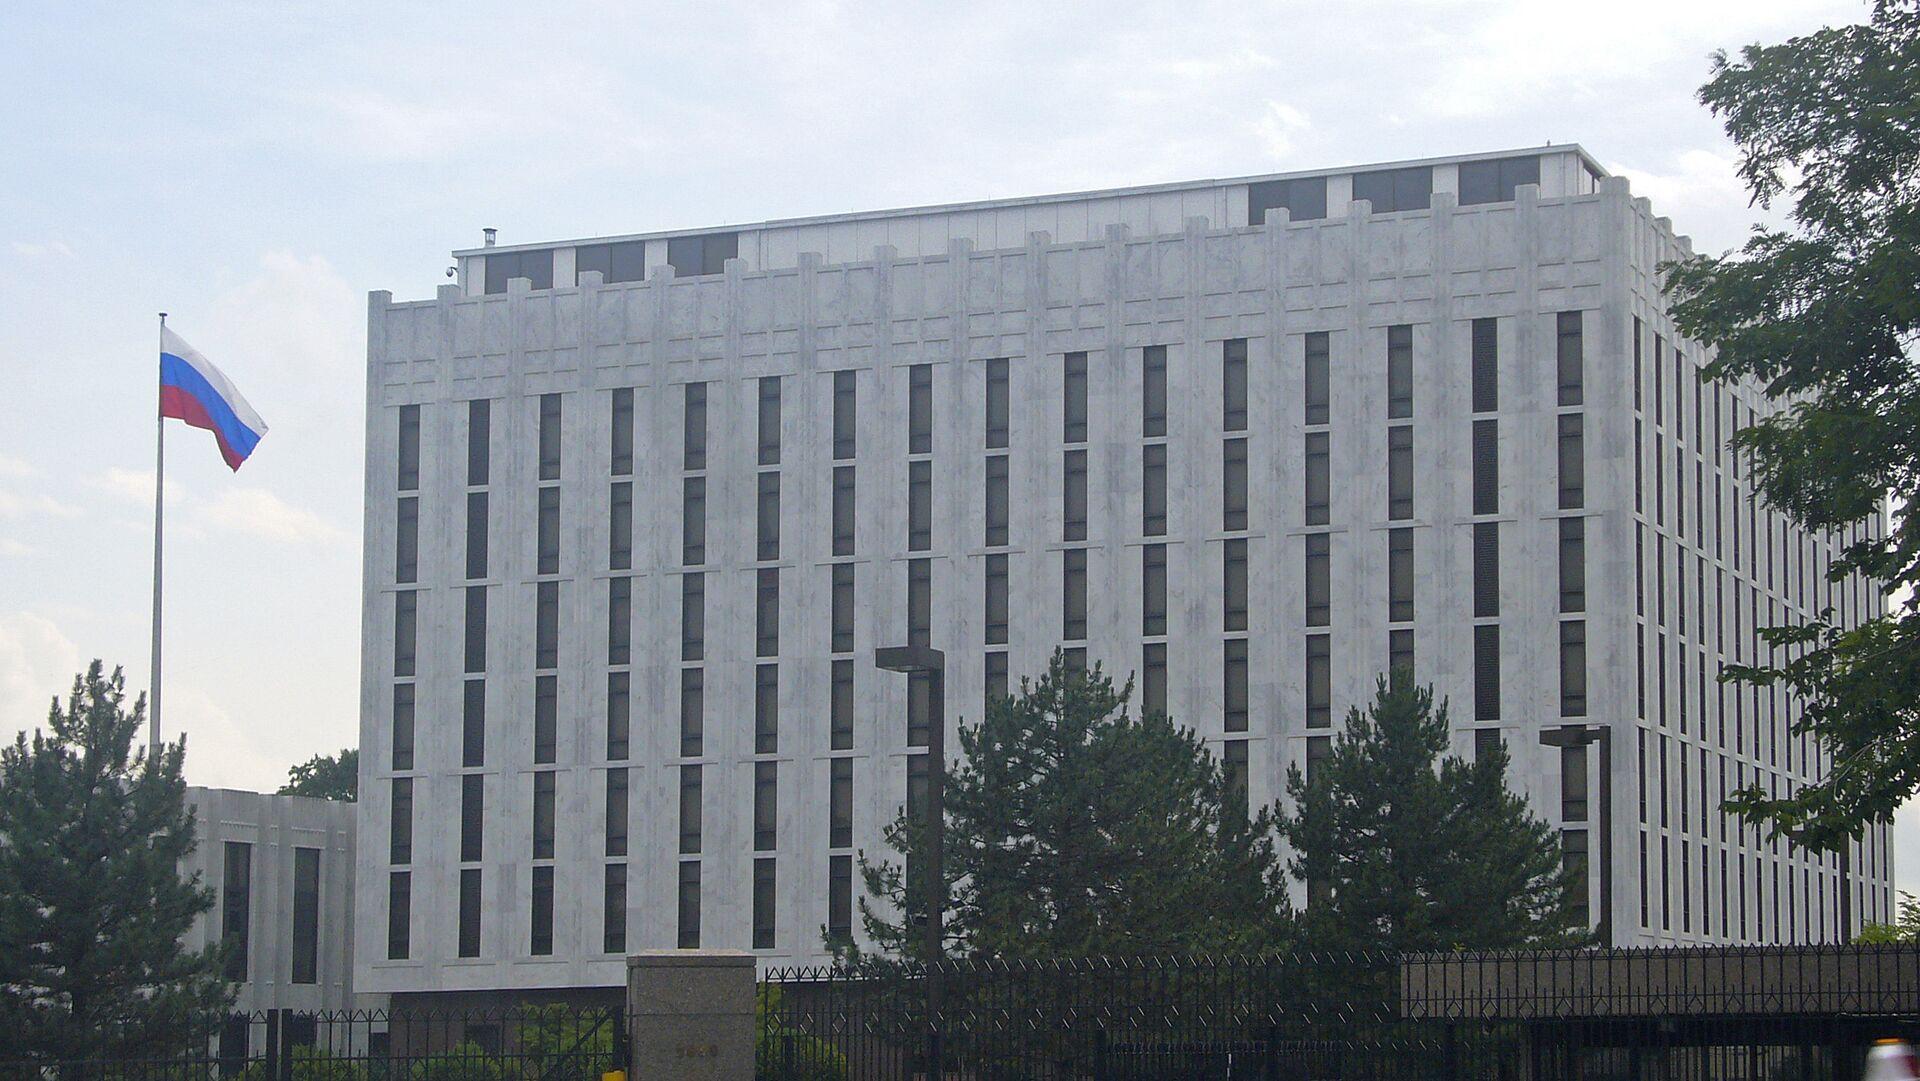 Посольство России в США. Вашингтон - РИА Новости, 1920, 12.09.2020